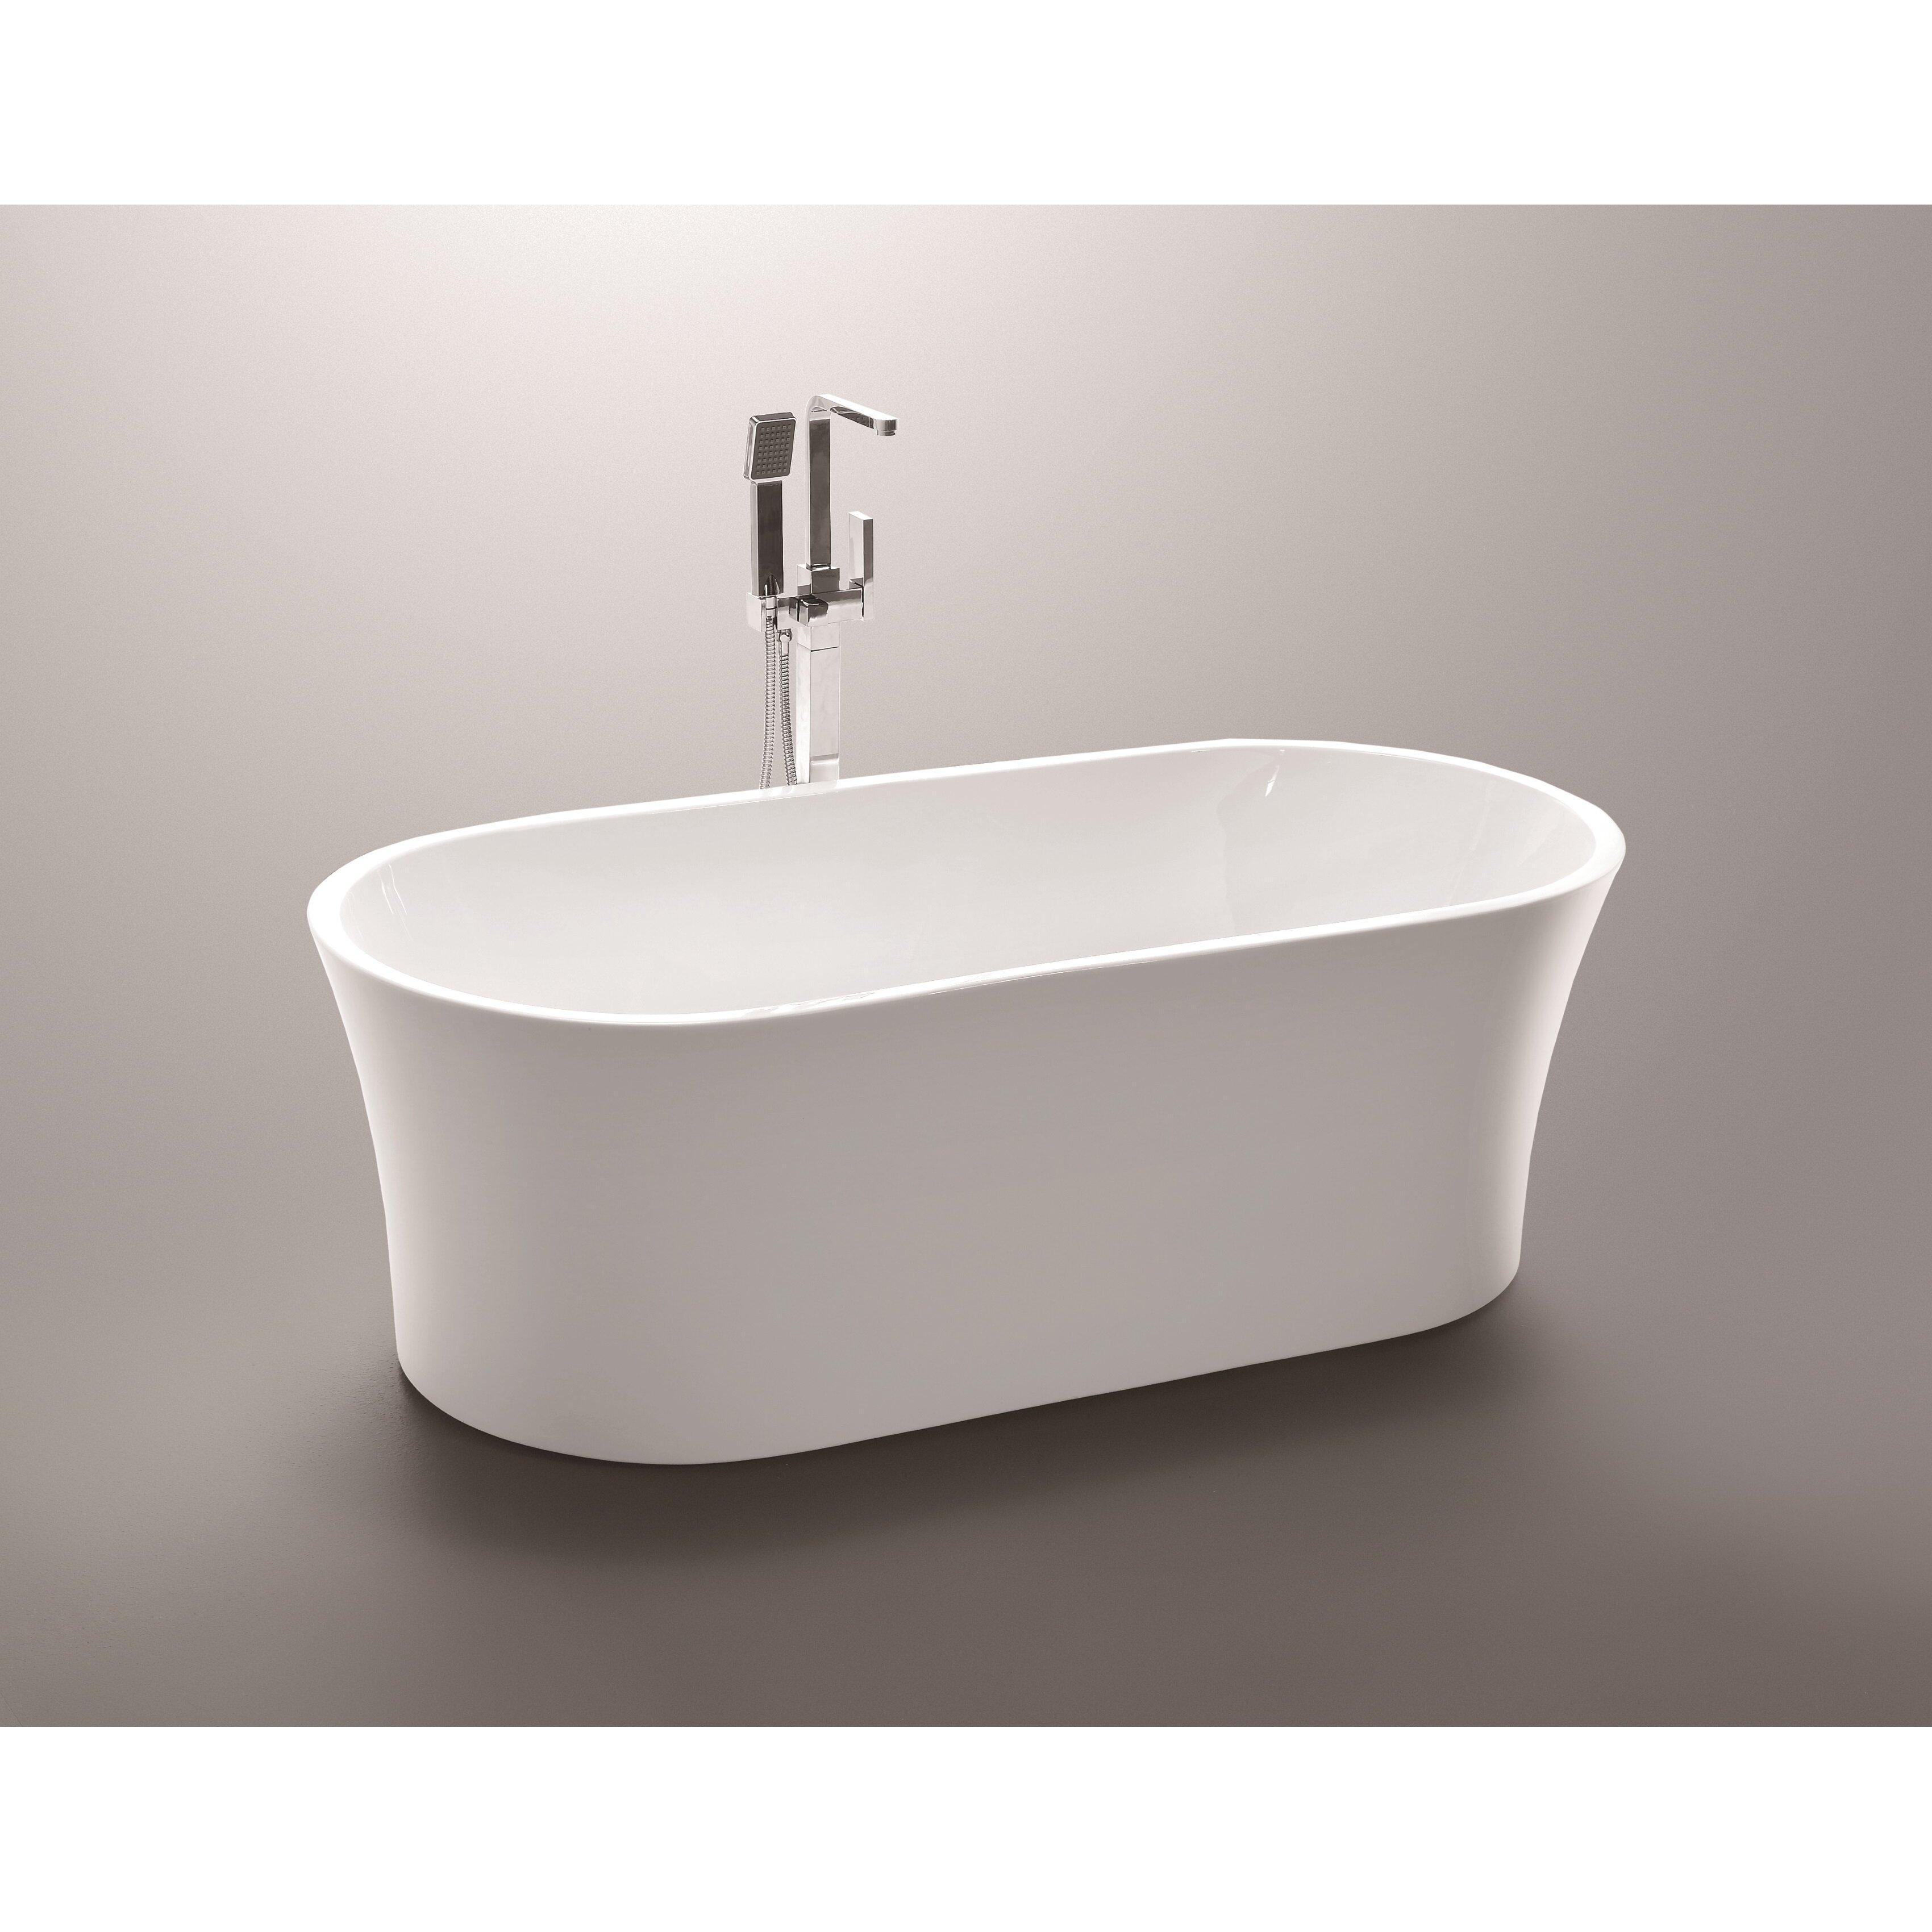 Vanityart 63 x 29 5 acrylic freestanding soaking bathtub for Acrylic freestanding soaking tub